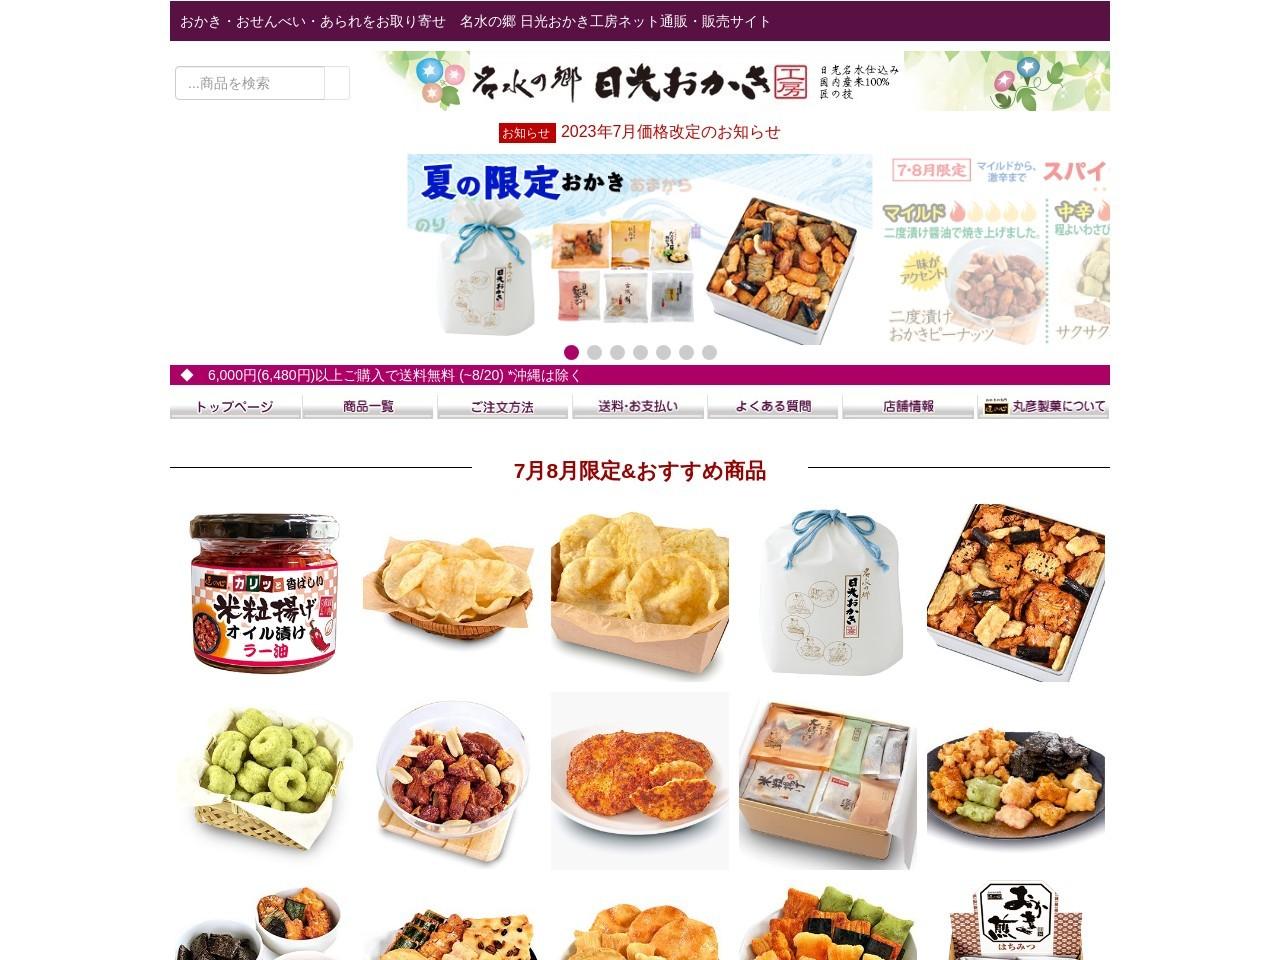 丸彦製菓株式会社直販部・通販部